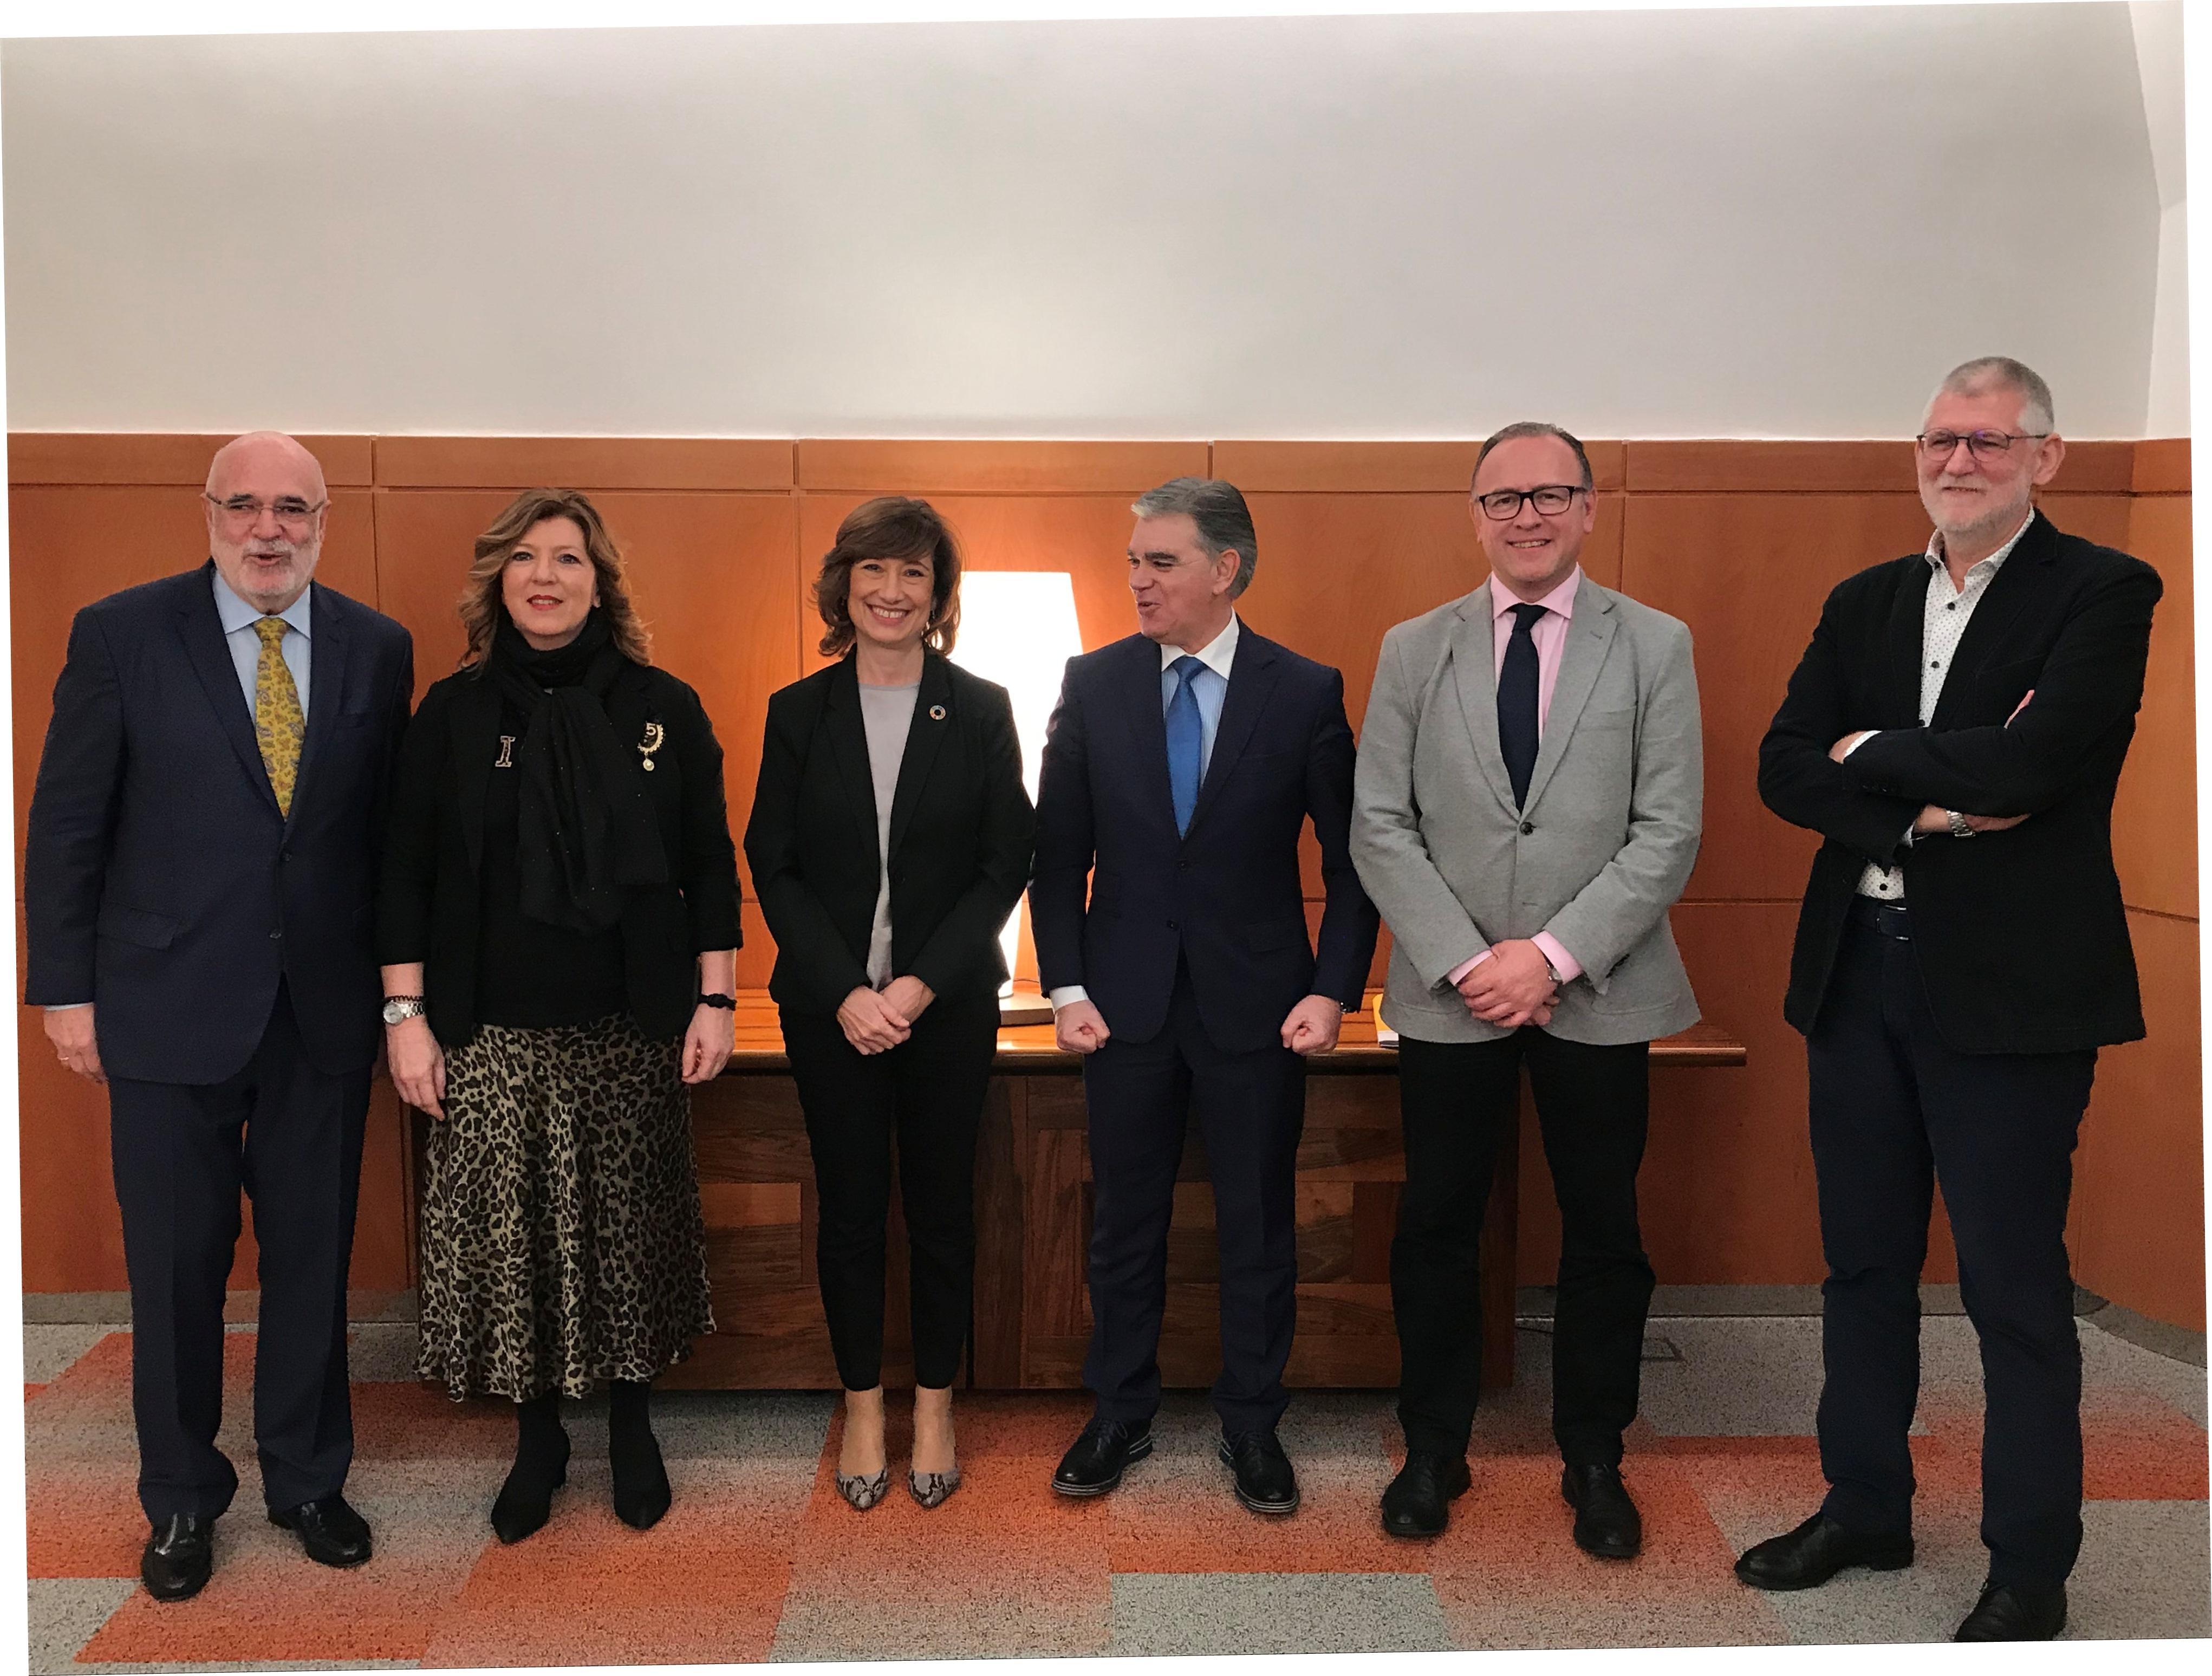 Los Gobiernos central y vasco colaborarán para que, en aquellas localidades sin oficinas del SEPE, sean las delegaciones de Lanbide las que tramiten esas gestiones